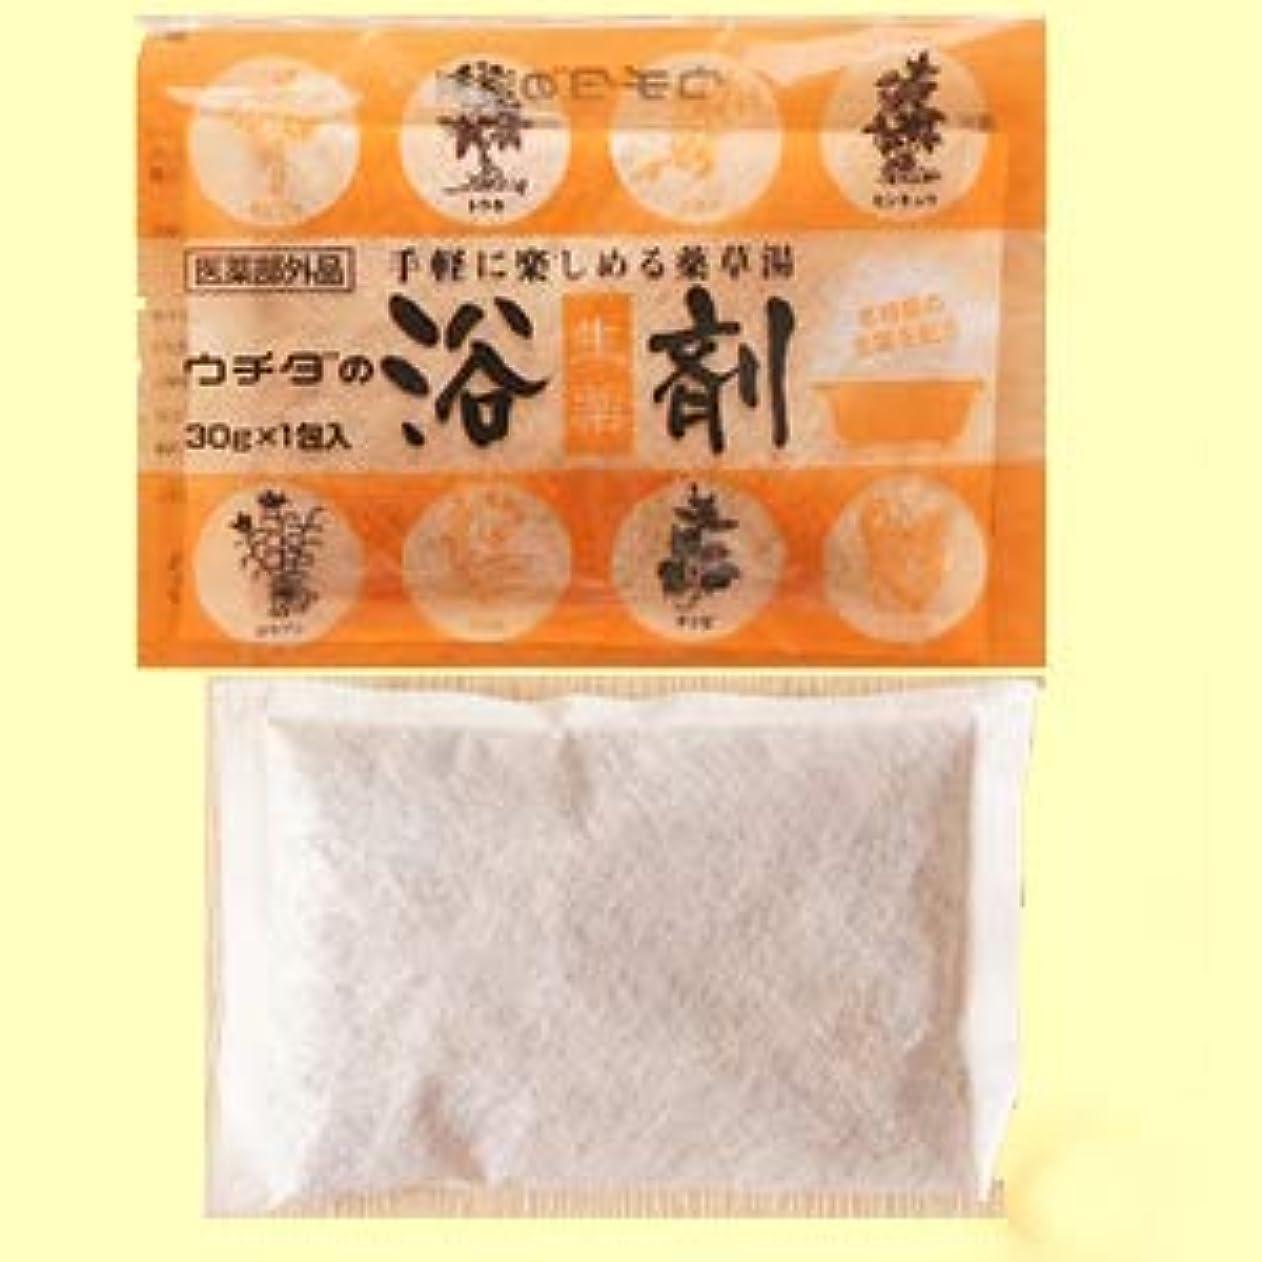 レンドヒステリック義務付けられたウチダの浴剤 30g×3包